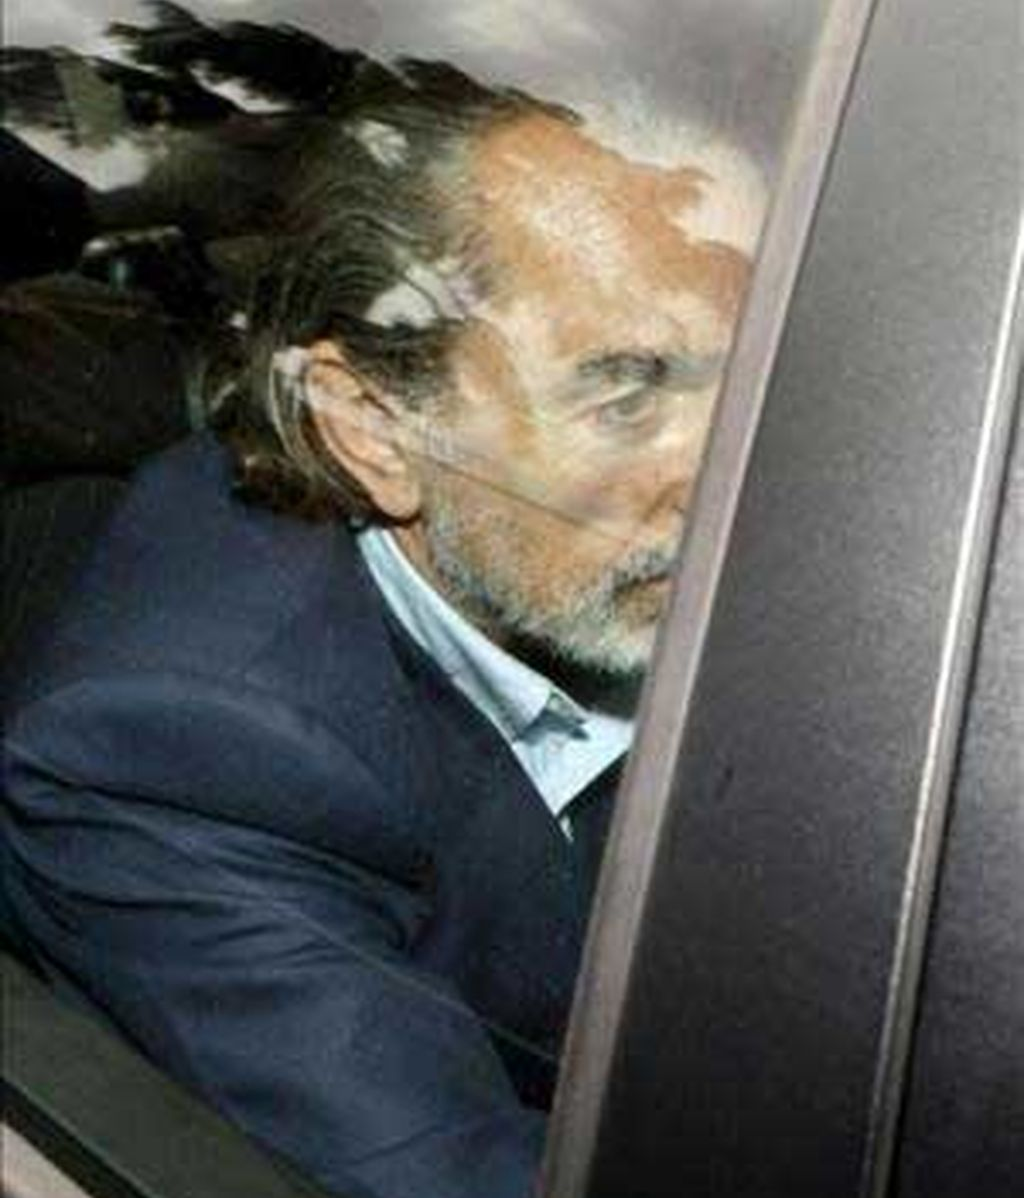 Los tentáculos de Correa en el partido se fueron extendiendo con la llegada de los viajes internacionales junto a Aznar. Vídeo: Informativos Telecinco